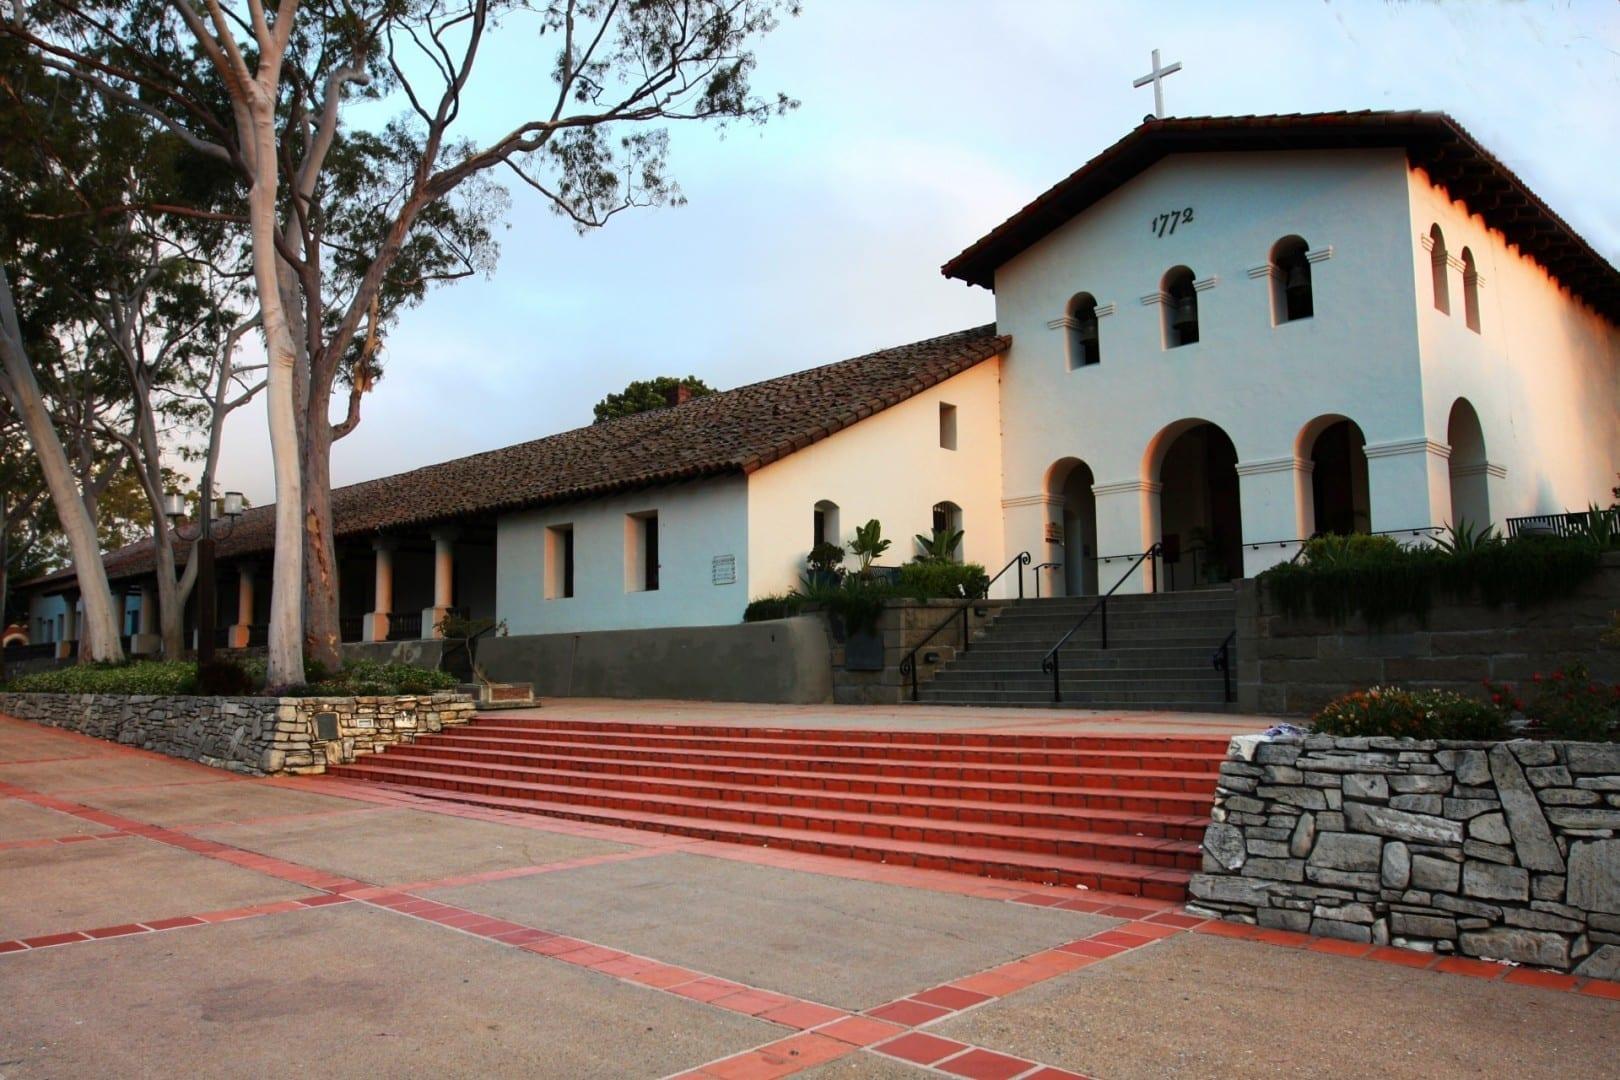 The Mission San Luis Obispo de Tolosa. San Luis Obispo CA Estados Unidos